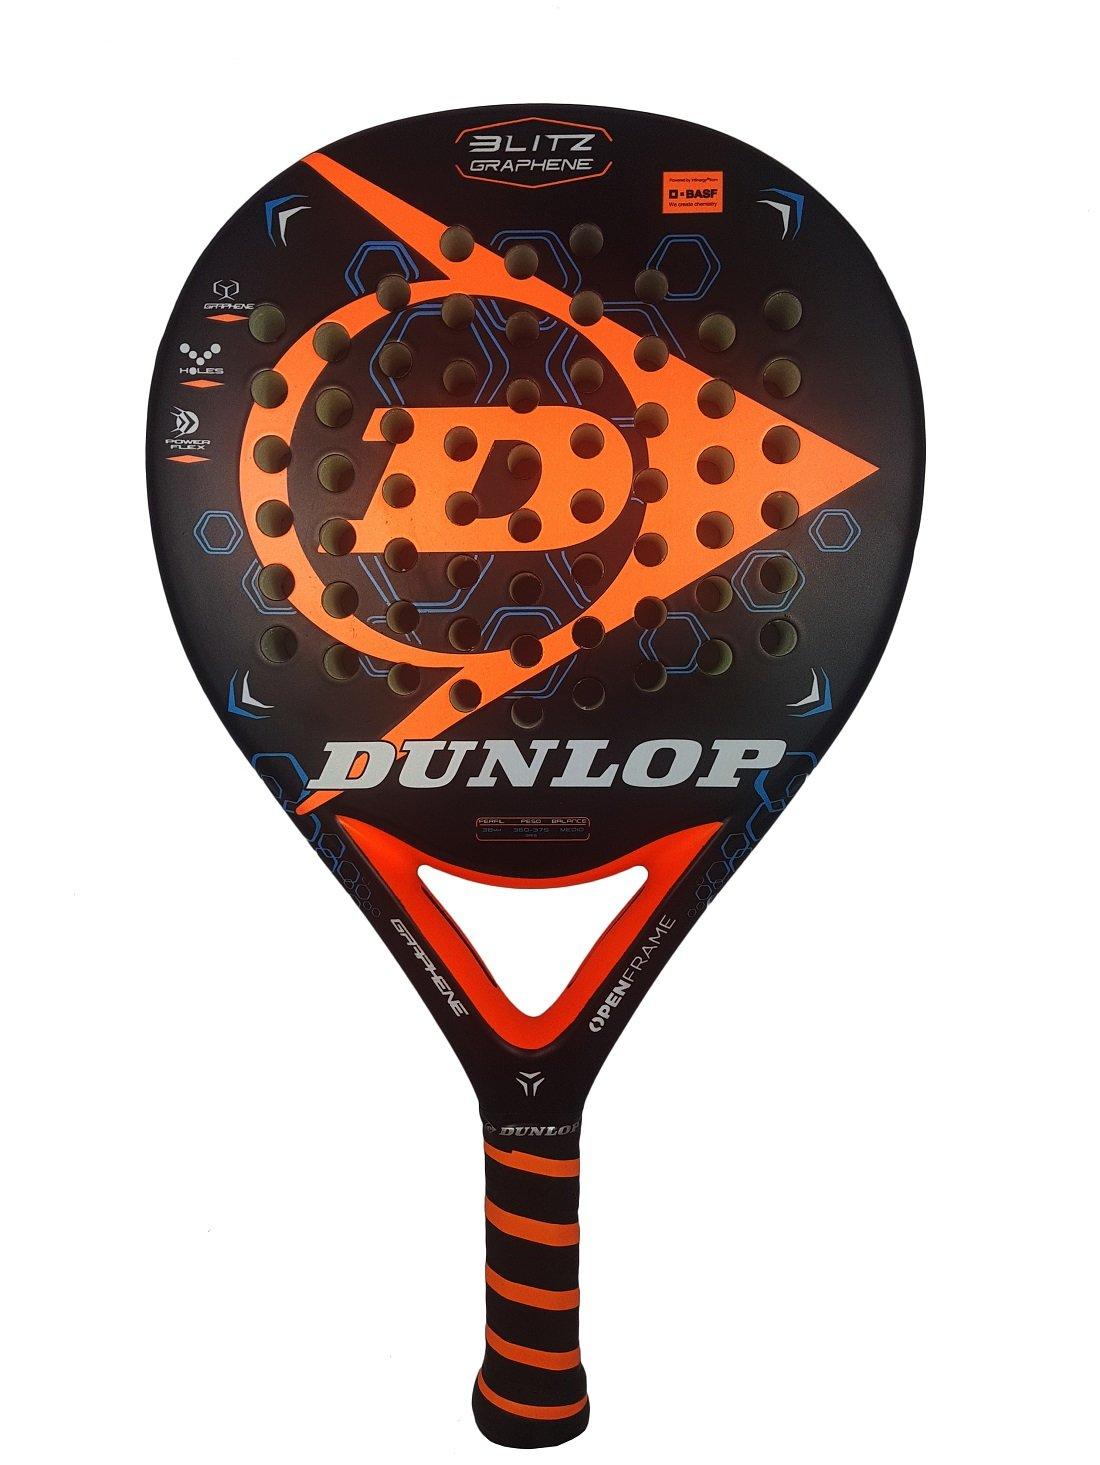 Dunlop Pala de Pádel Blitz Graphene: Amazon.es: Deportes y aire libre